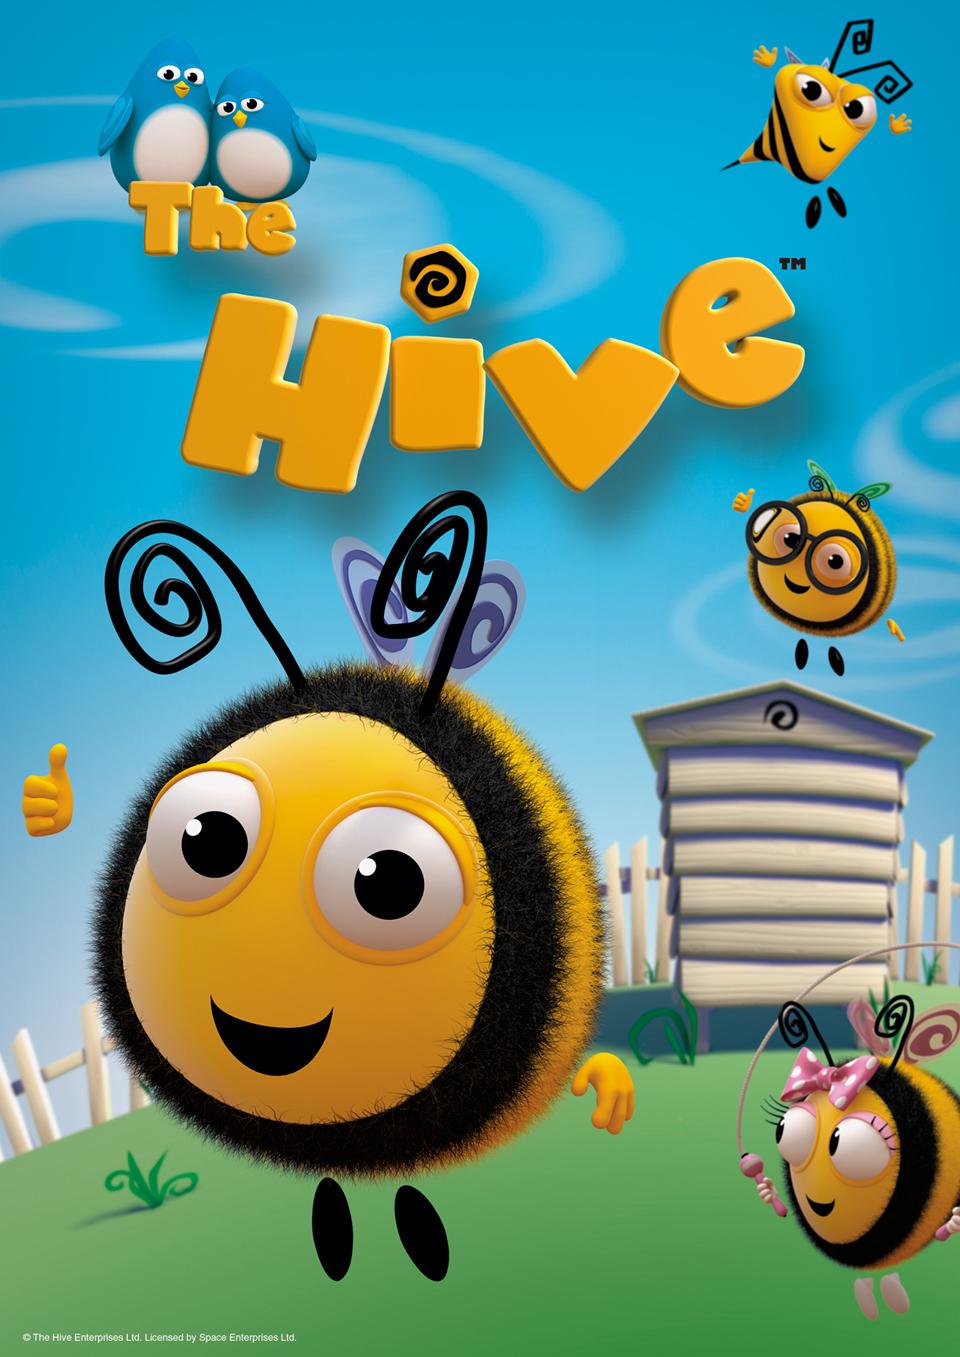 The Hive Kinox